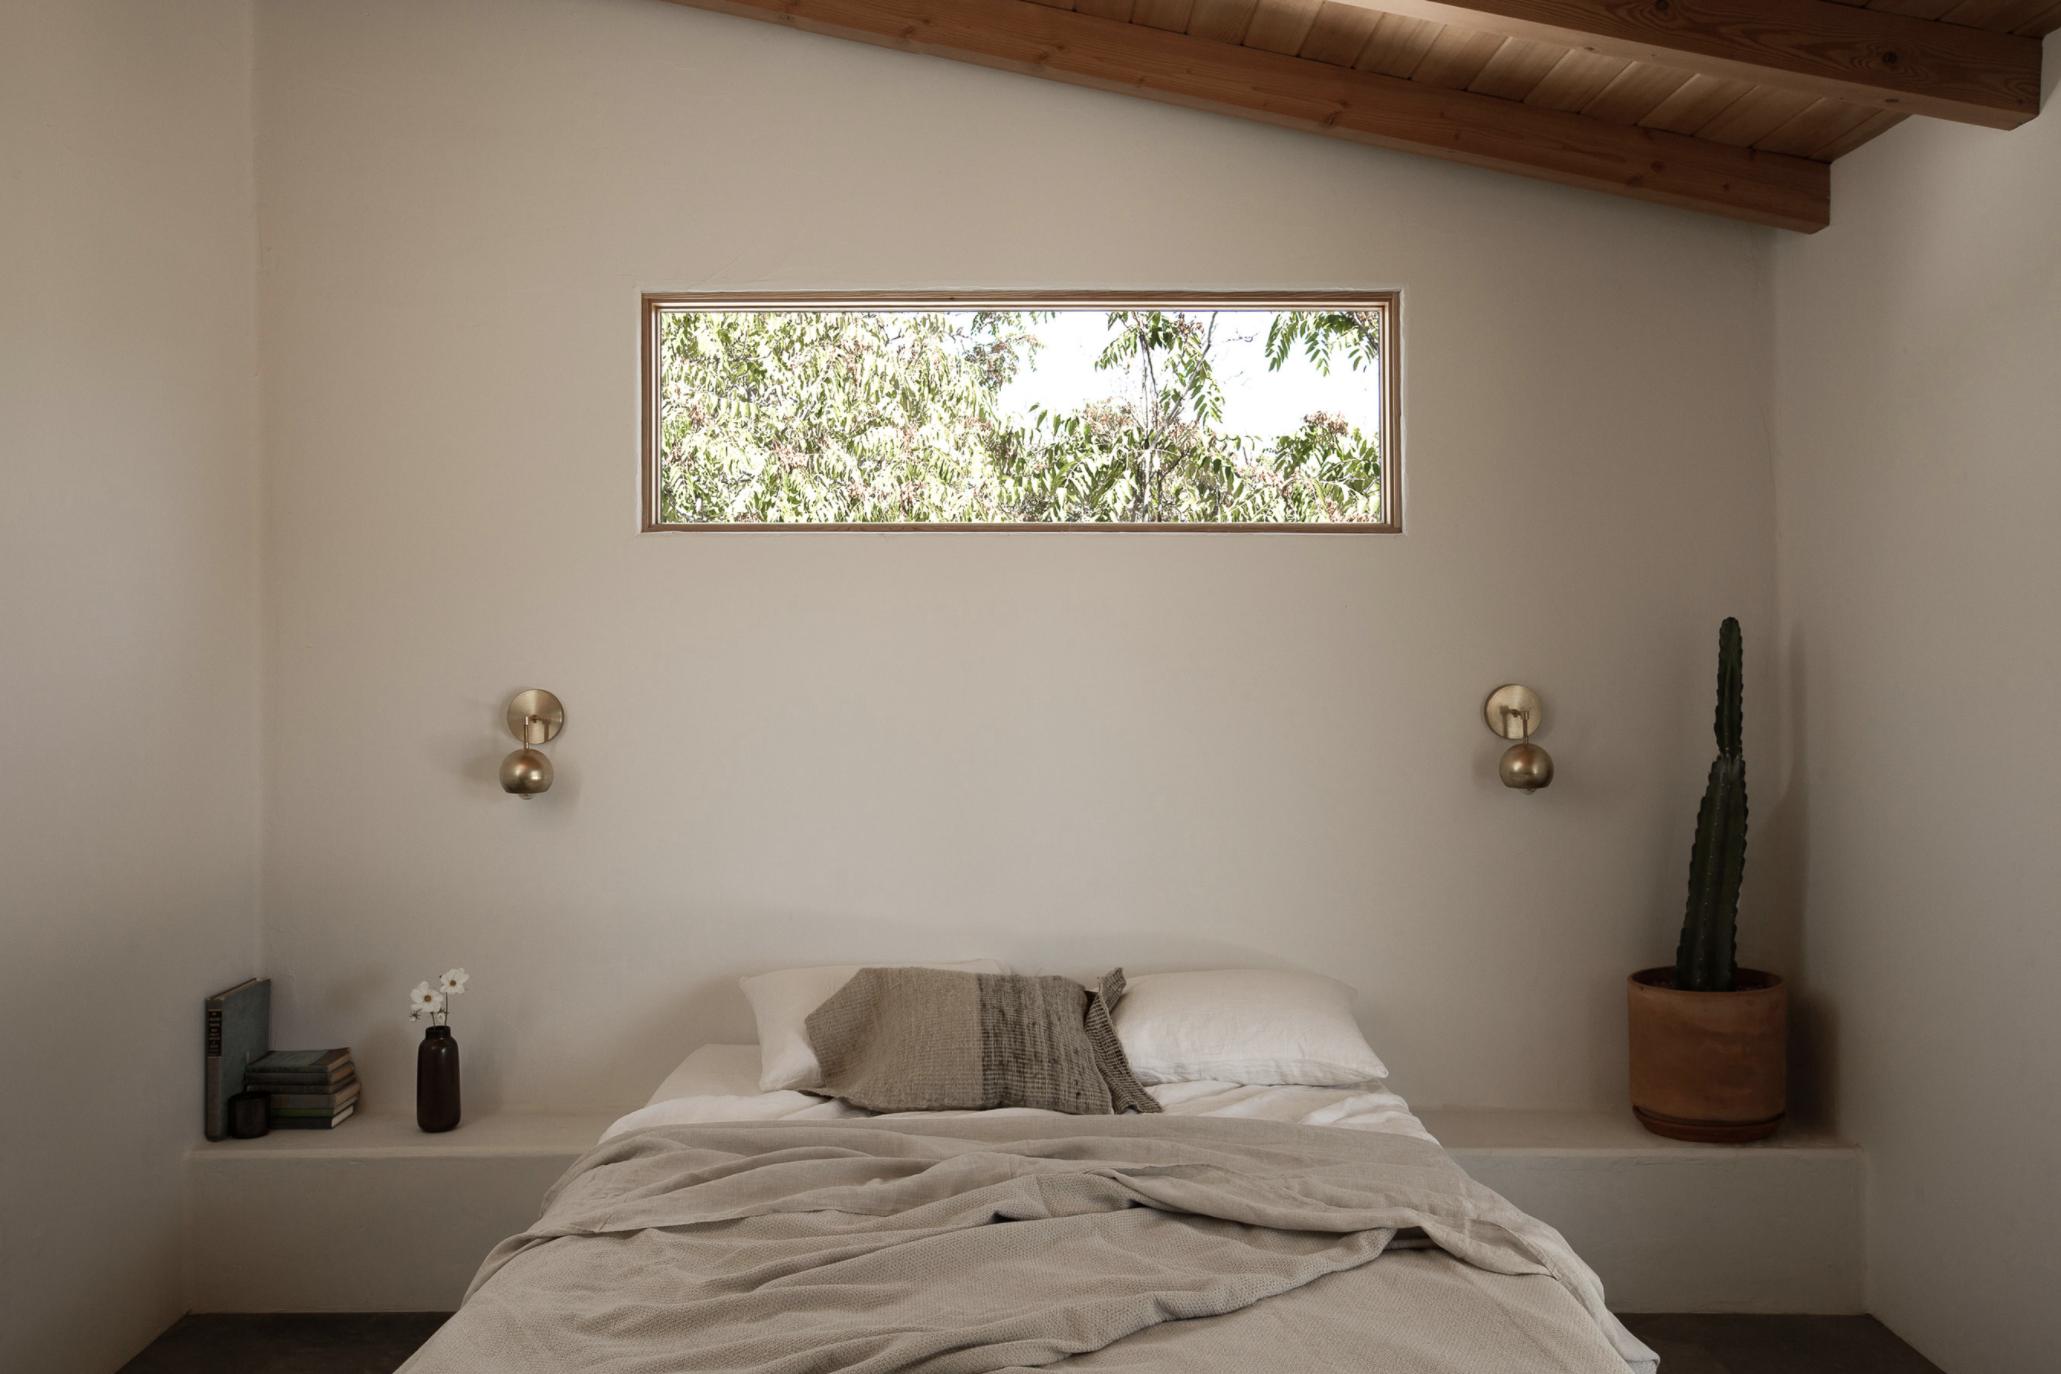 тур по современному глинобитному дому в пустыне минималистичная спальня